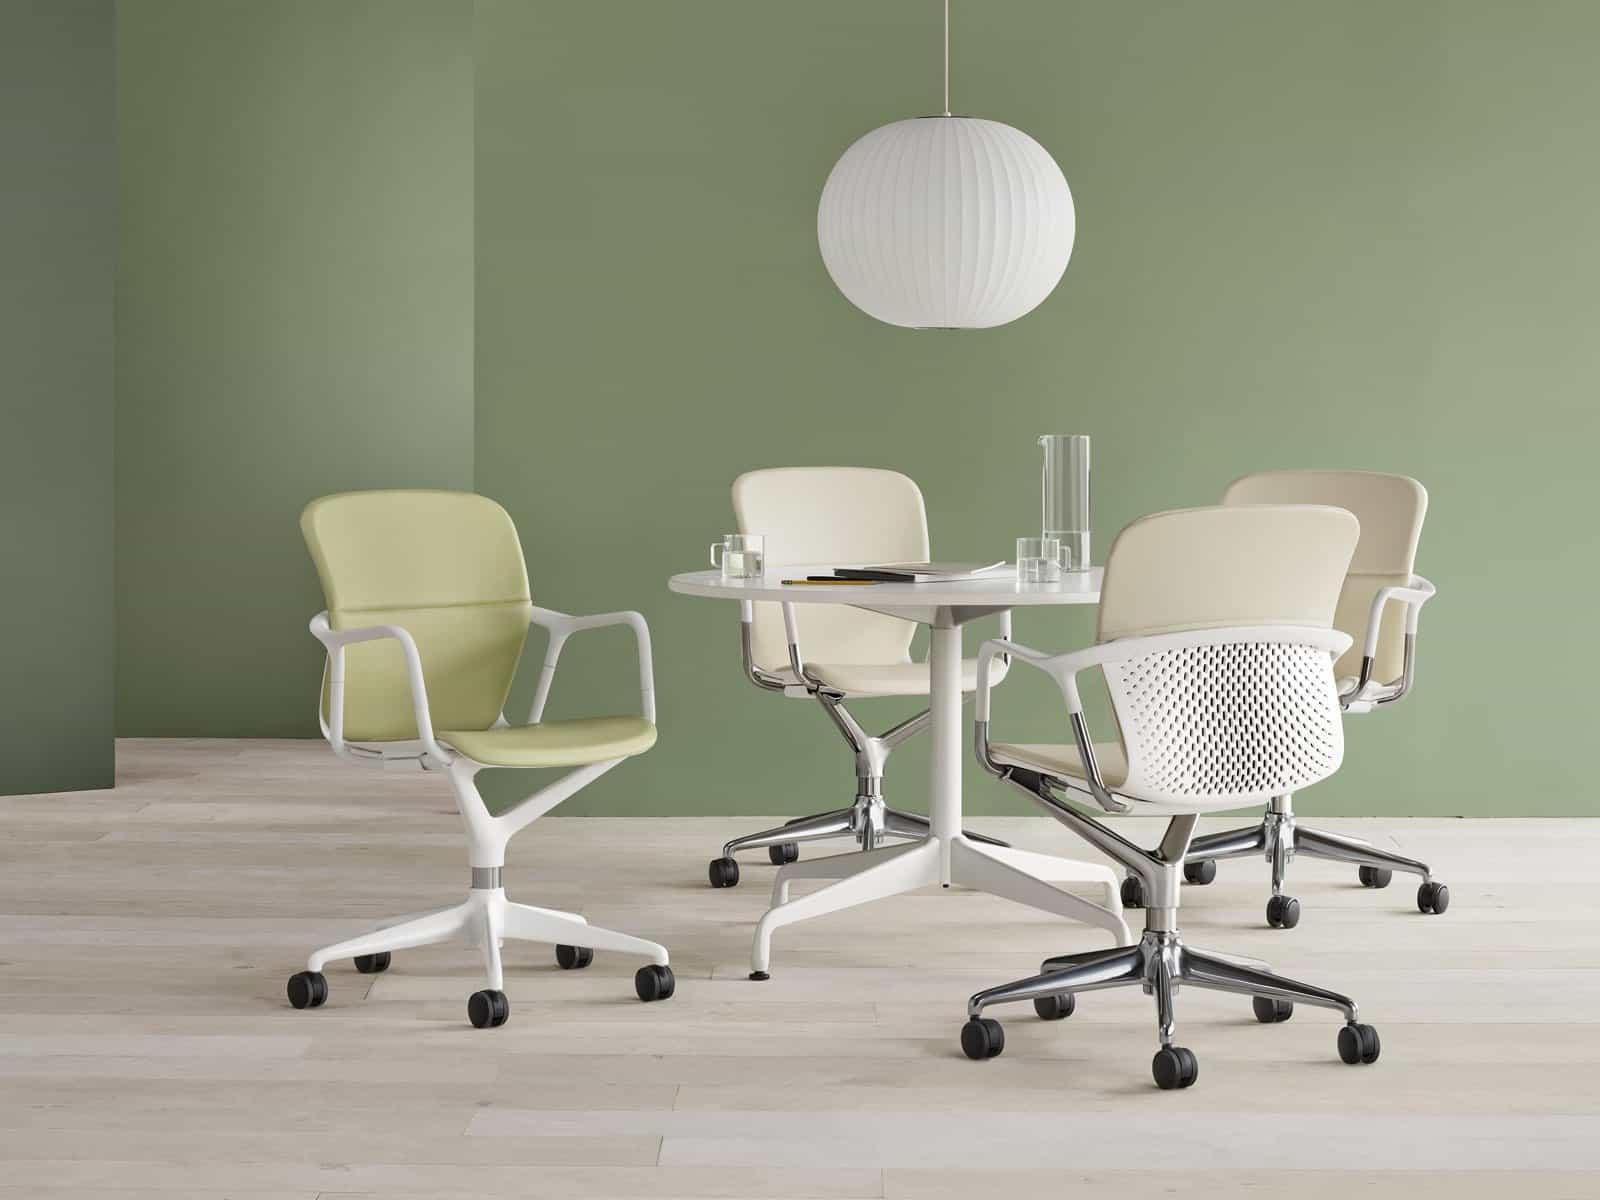 Cadeira escritório – O elemento essencial